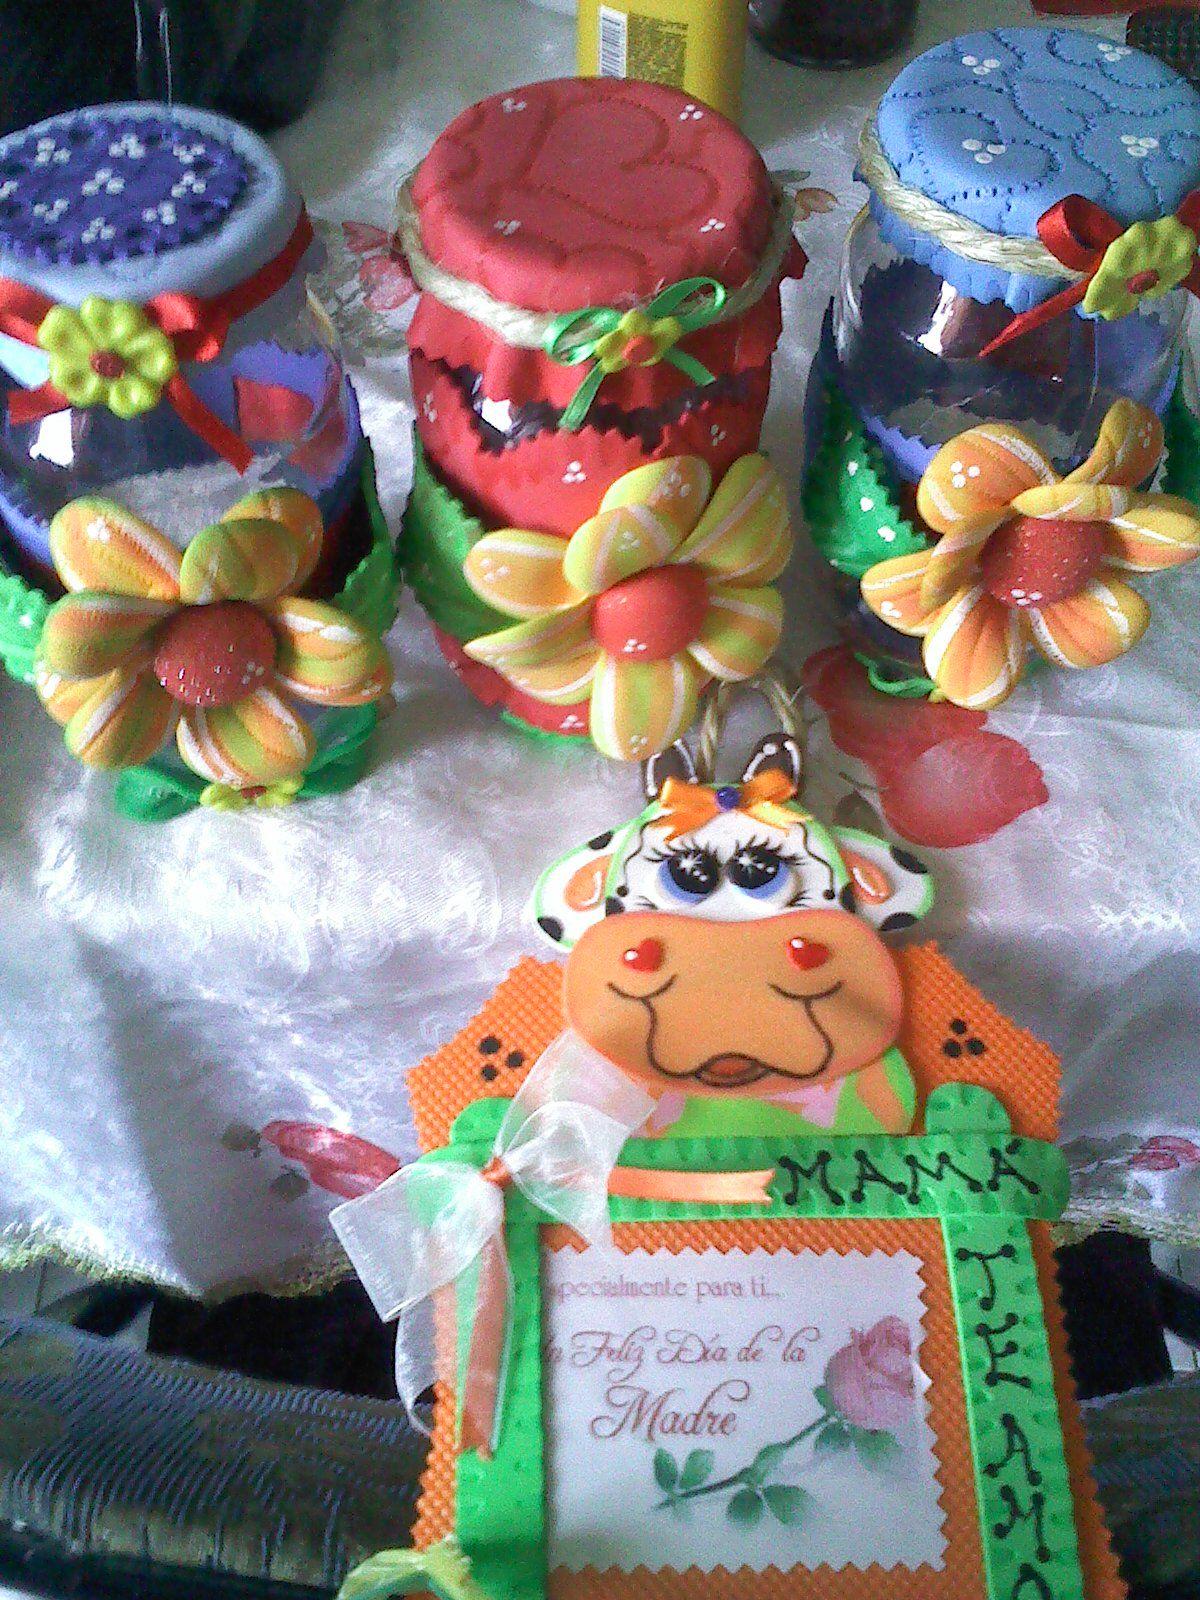 Envases reciclados decorados para el Dia de las madres